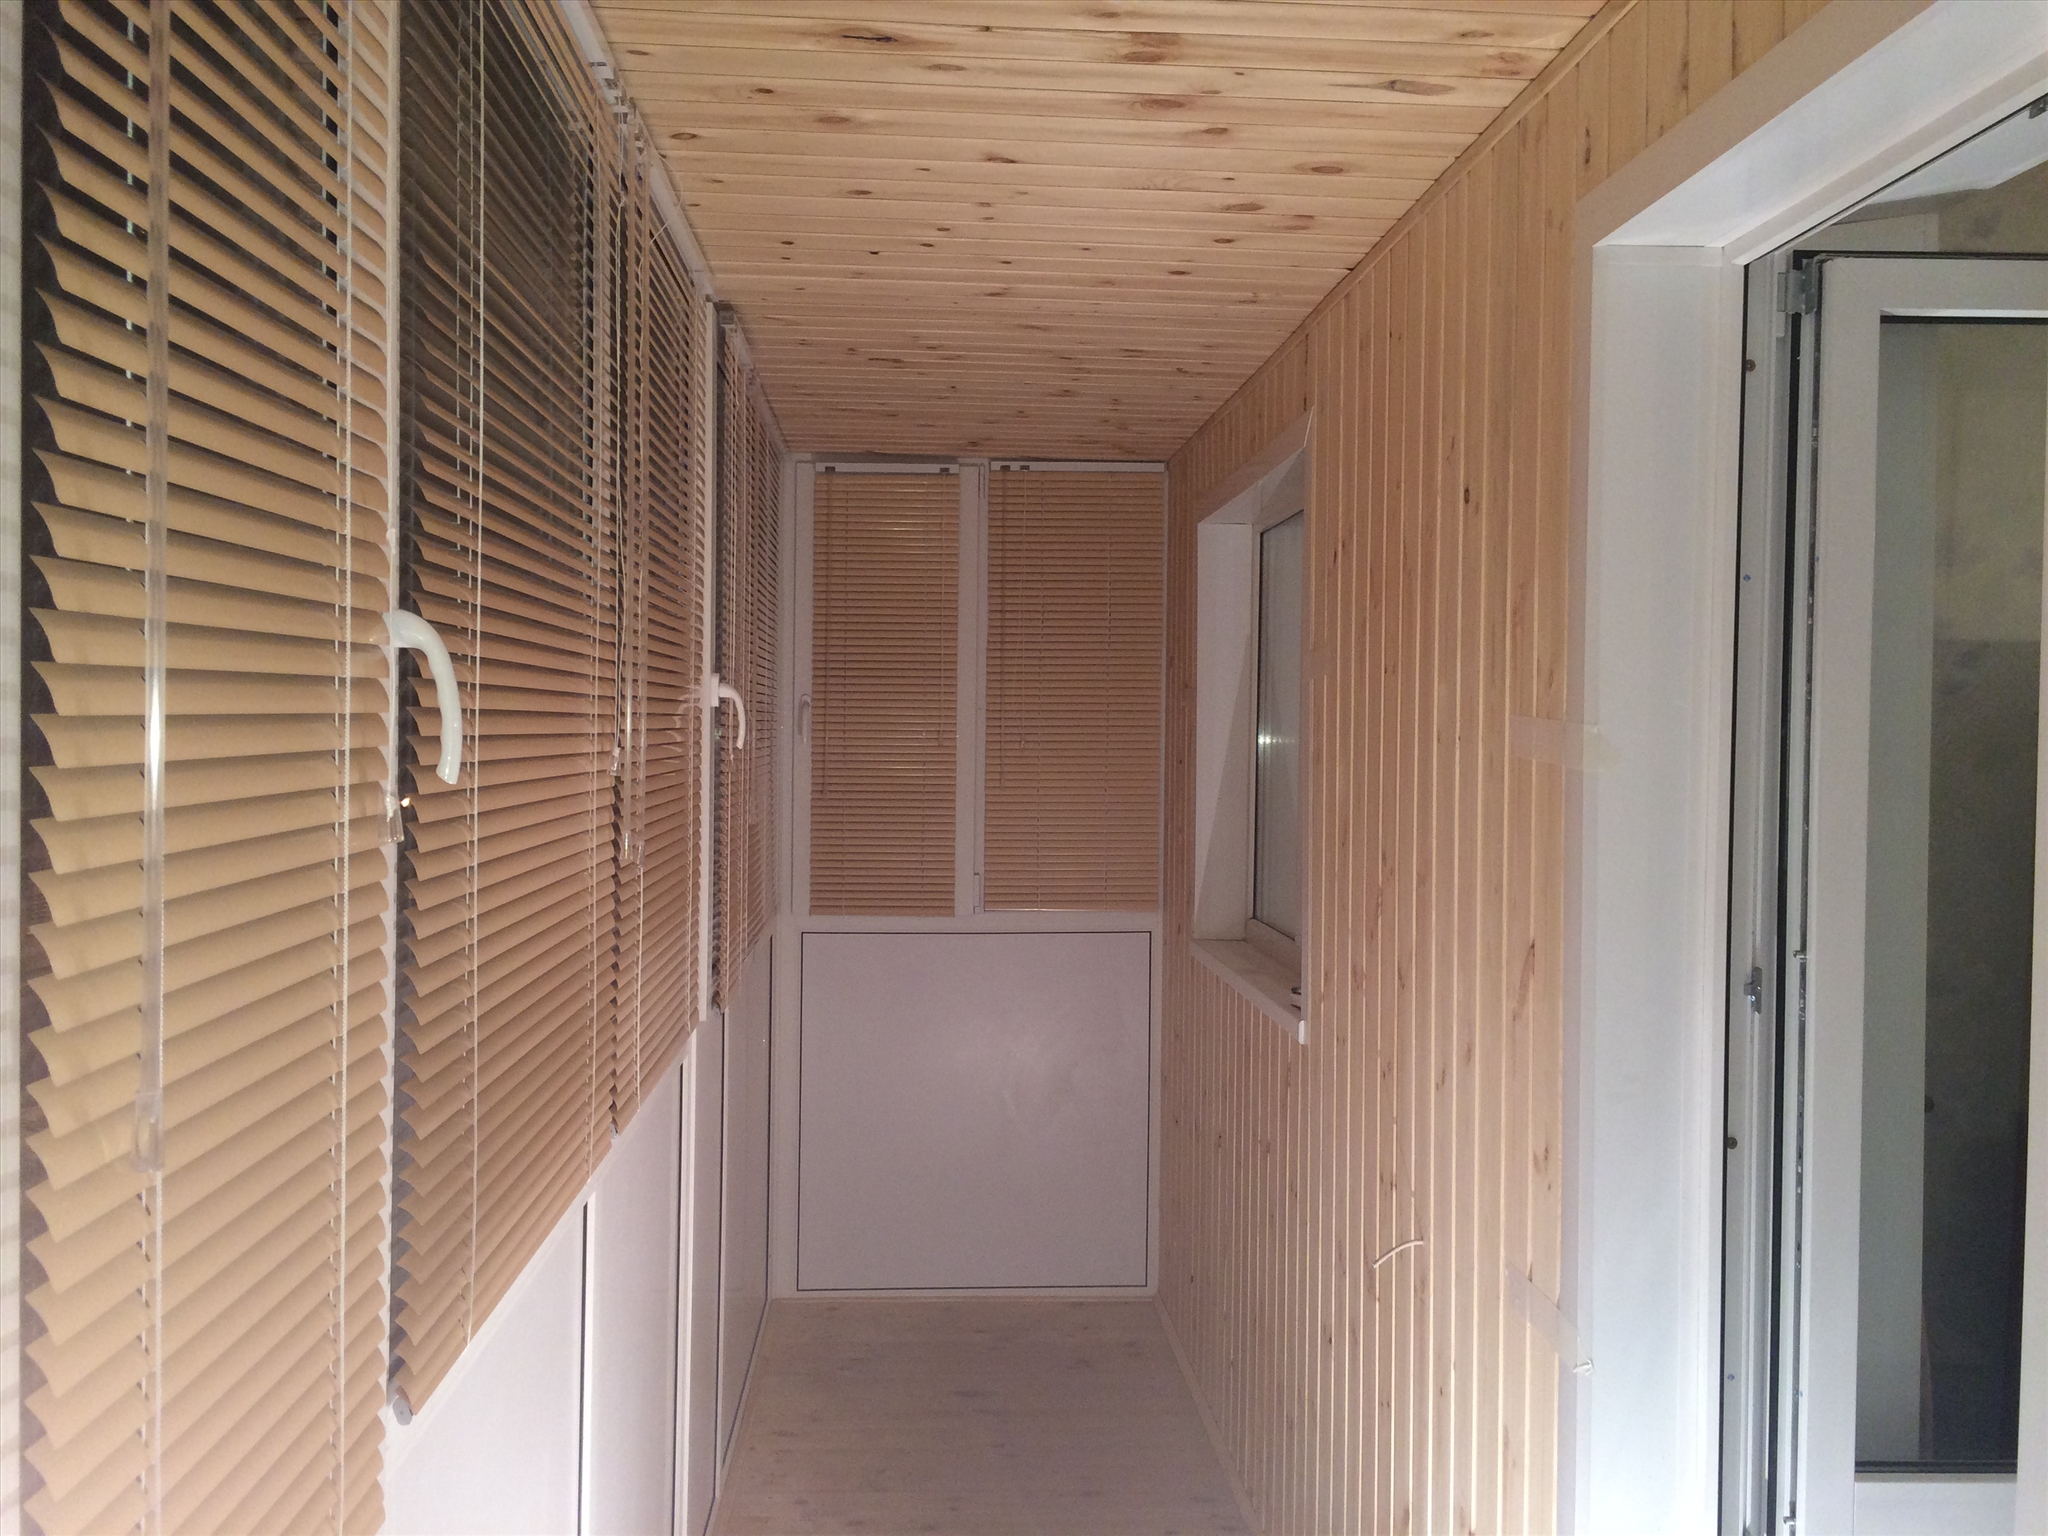 Остекление балконов и лоджий под ключ: от крыши до линолеума.